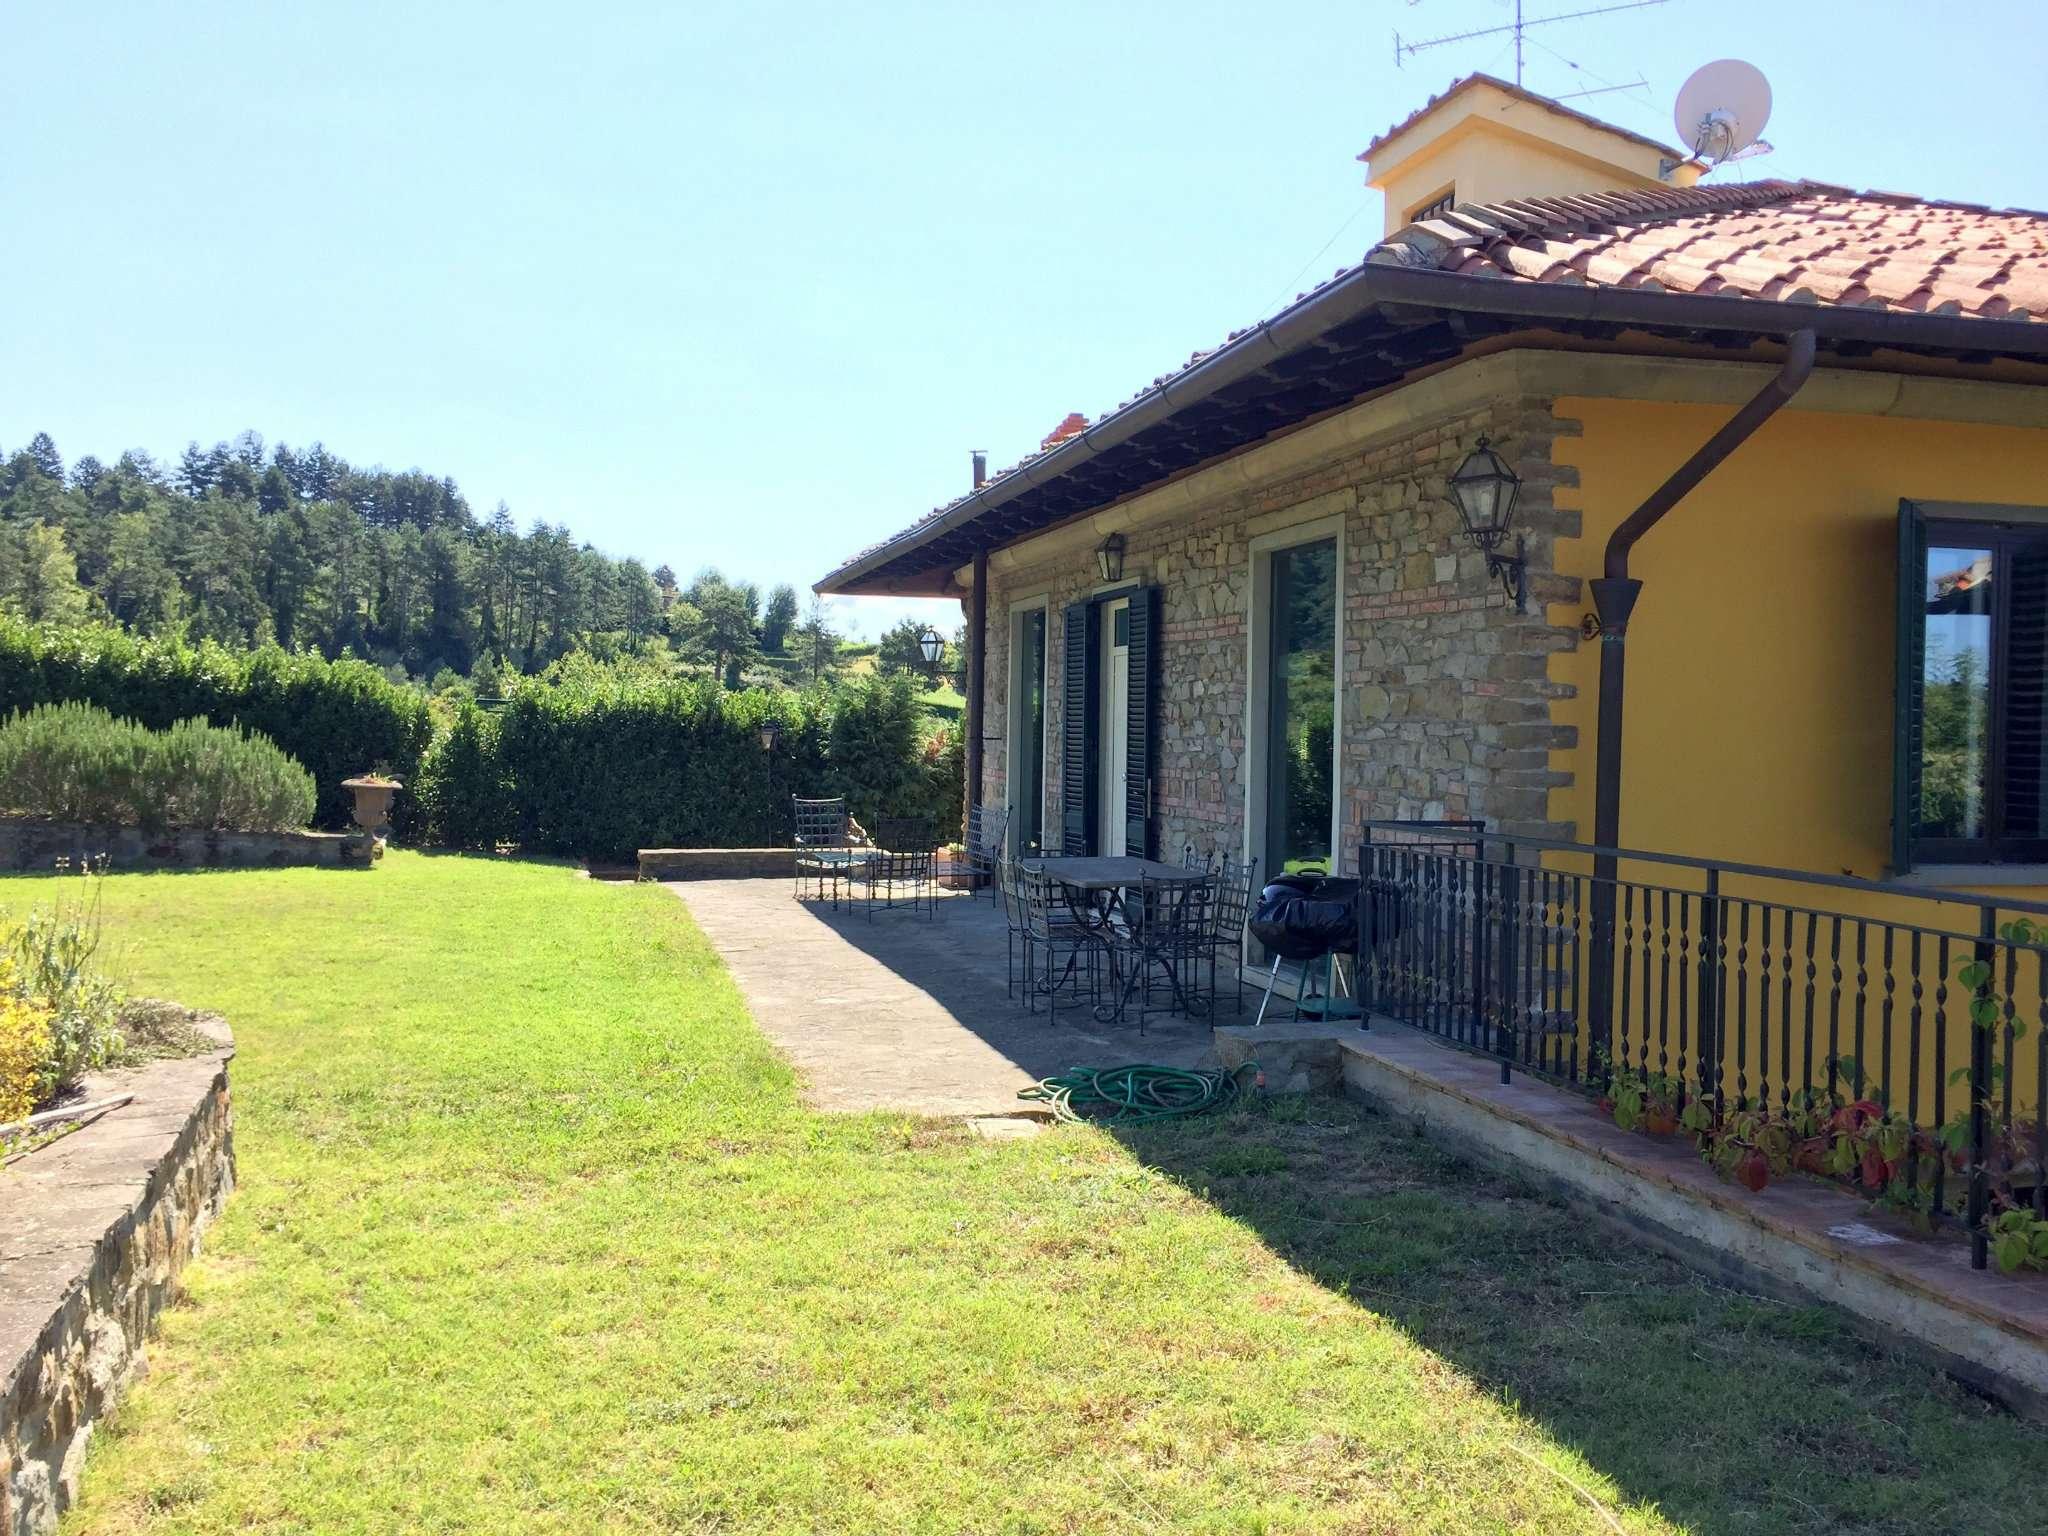 Villa in Vendita a Fiesole Periferia: 5 locali, 190 mq